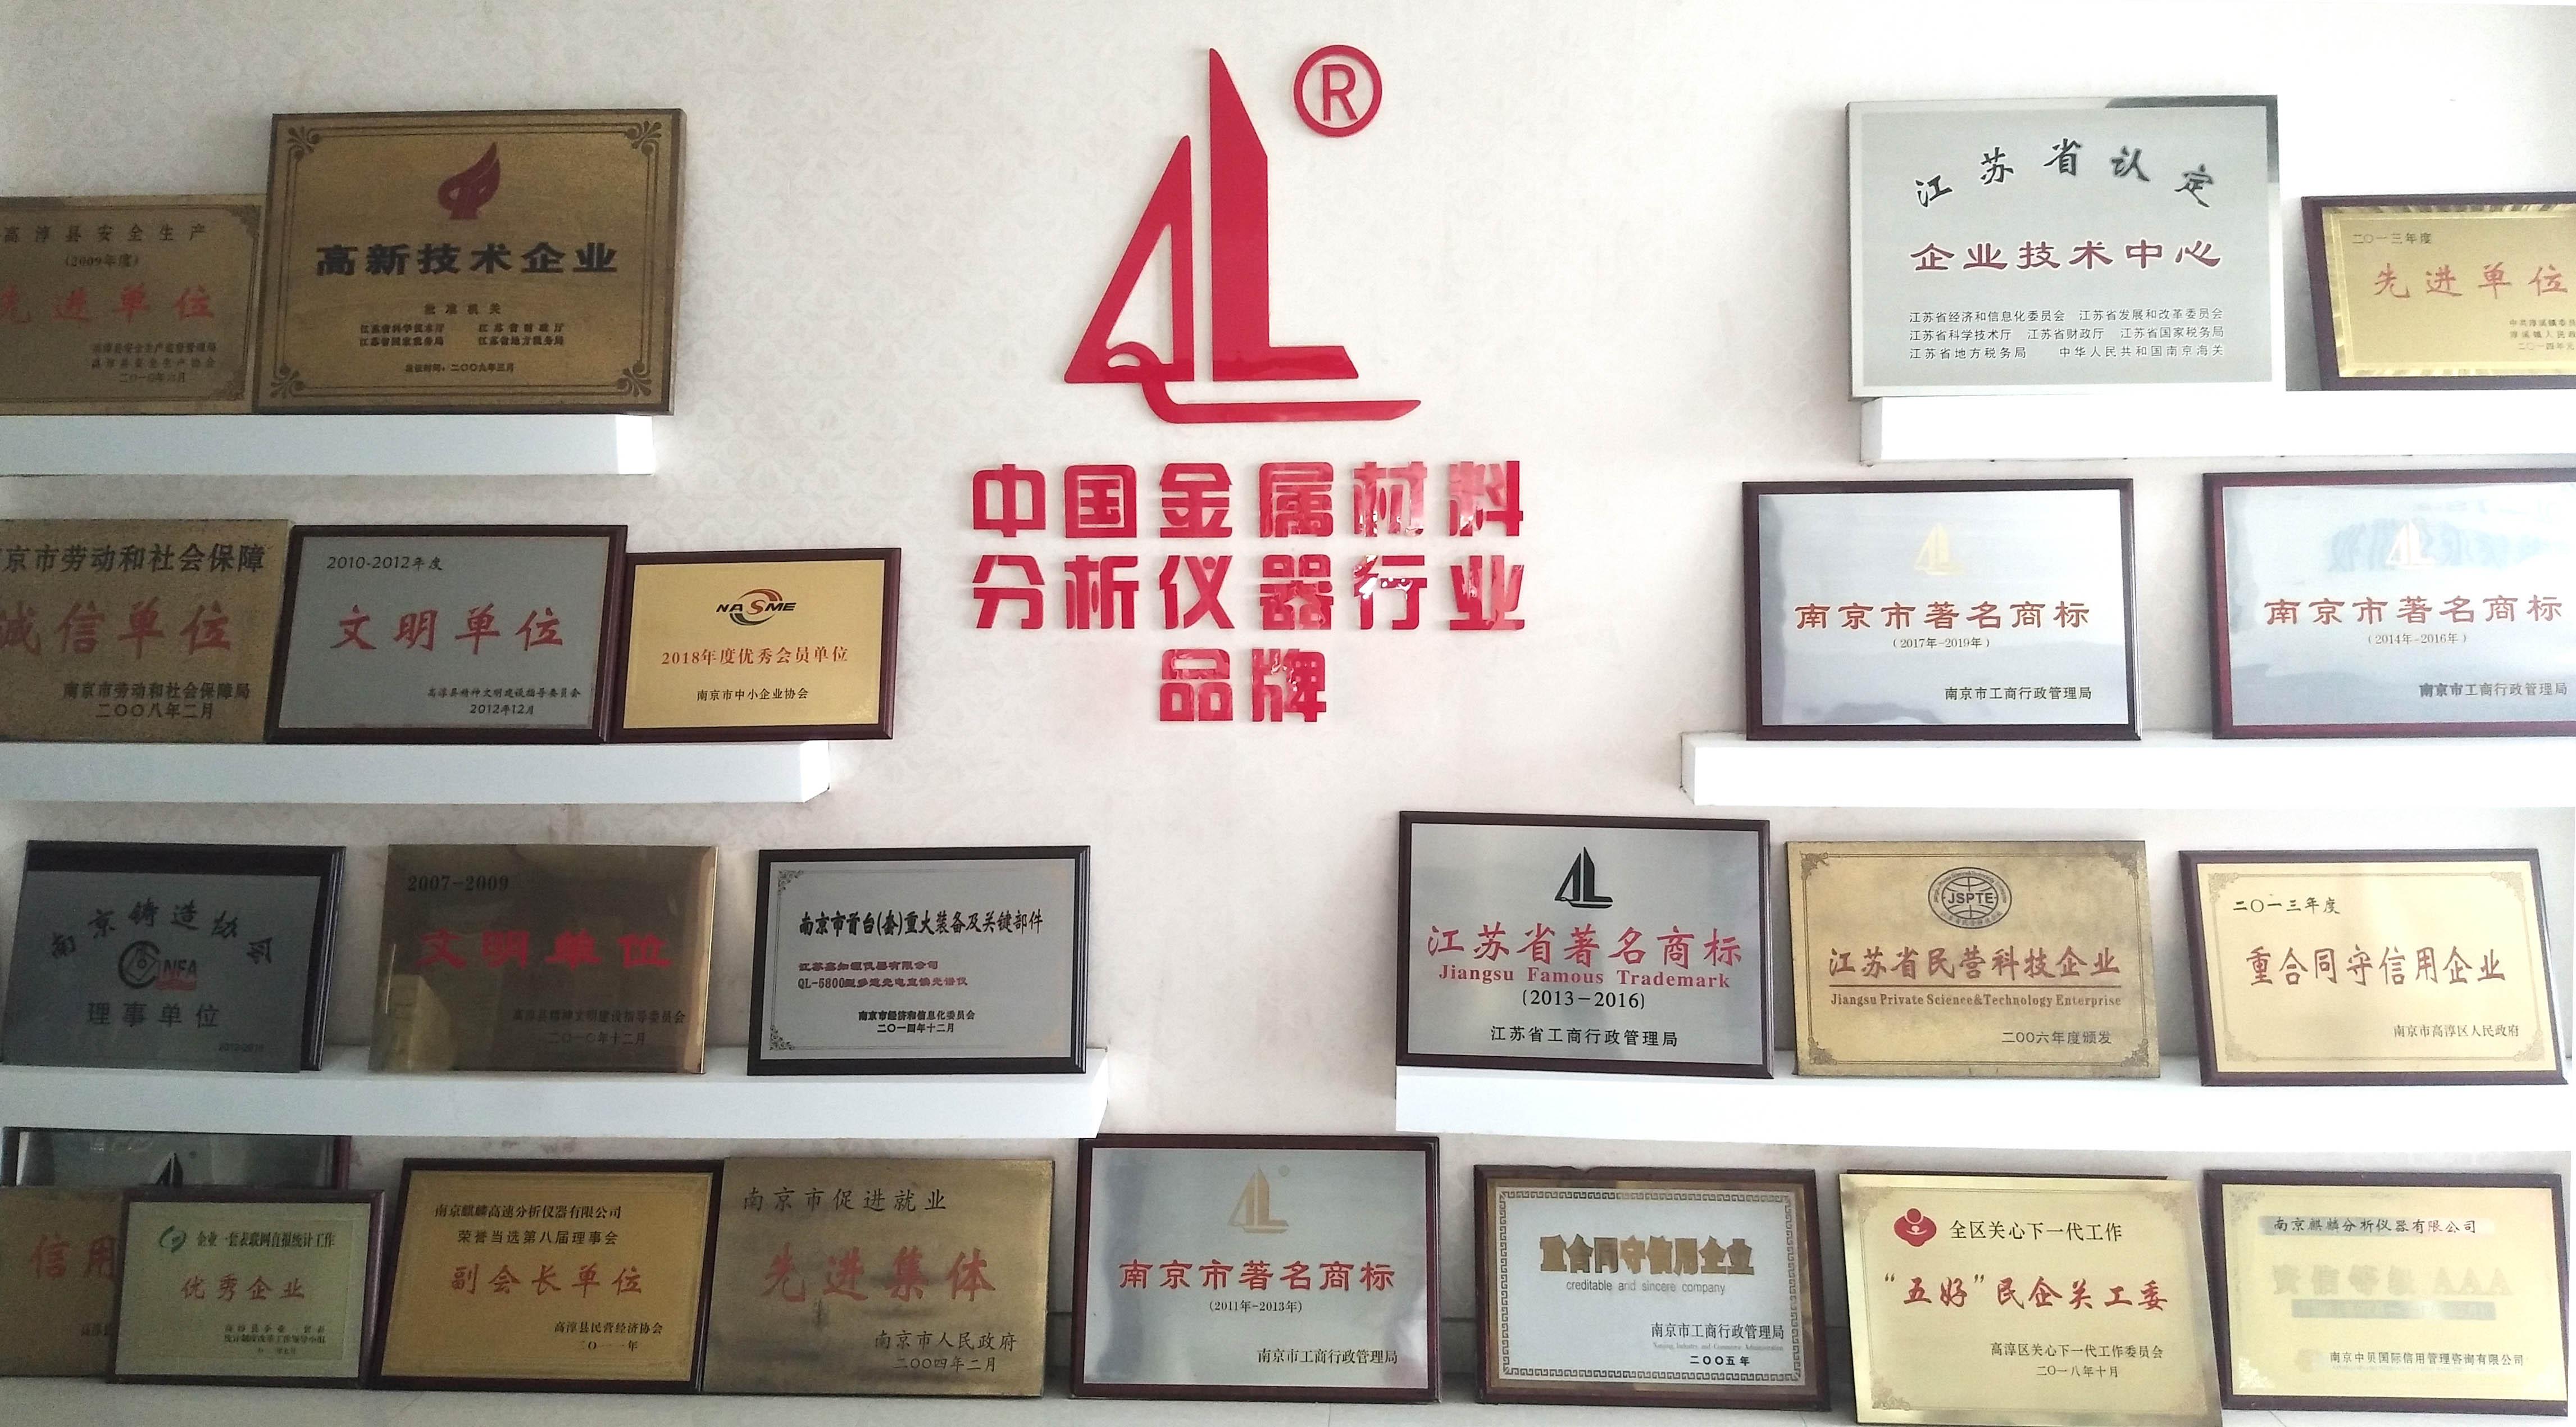 南京麒麟荣誉